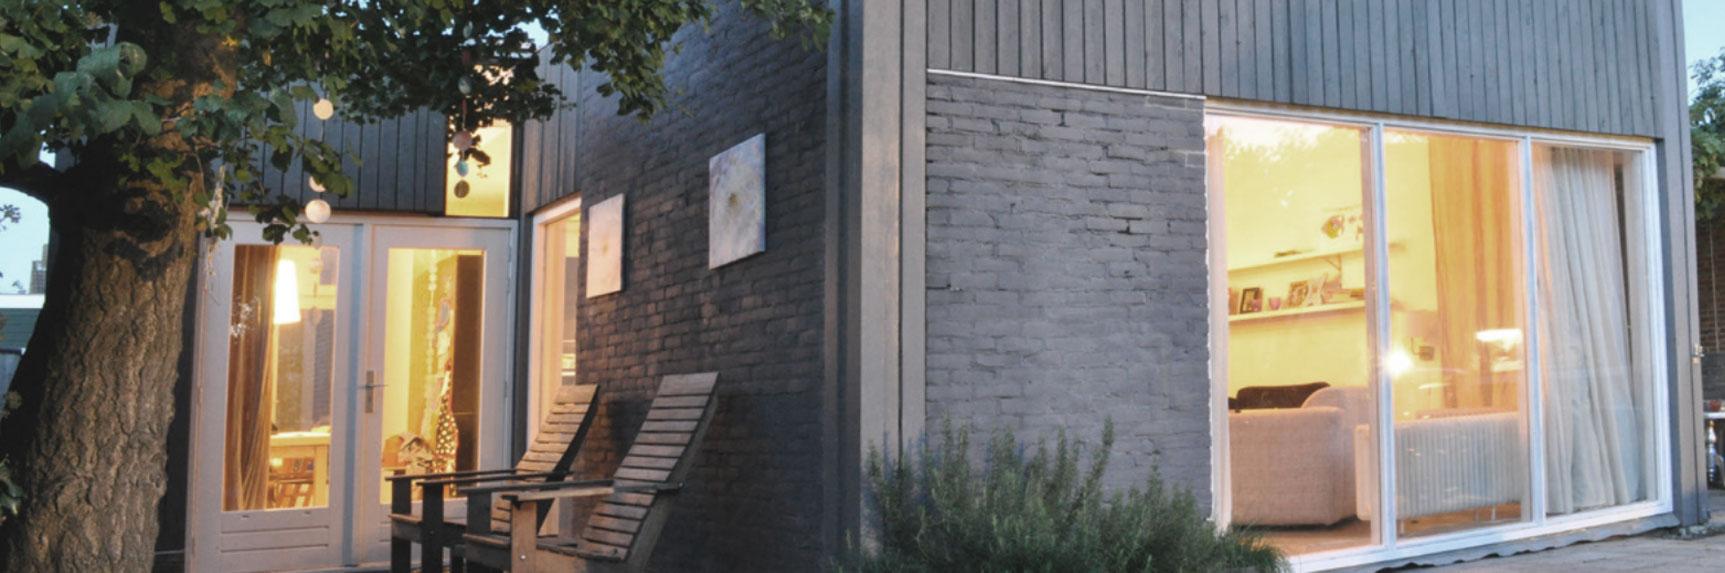 Moderne woning prinsenbeek   moderne woning   nico dekker ontwerp ...